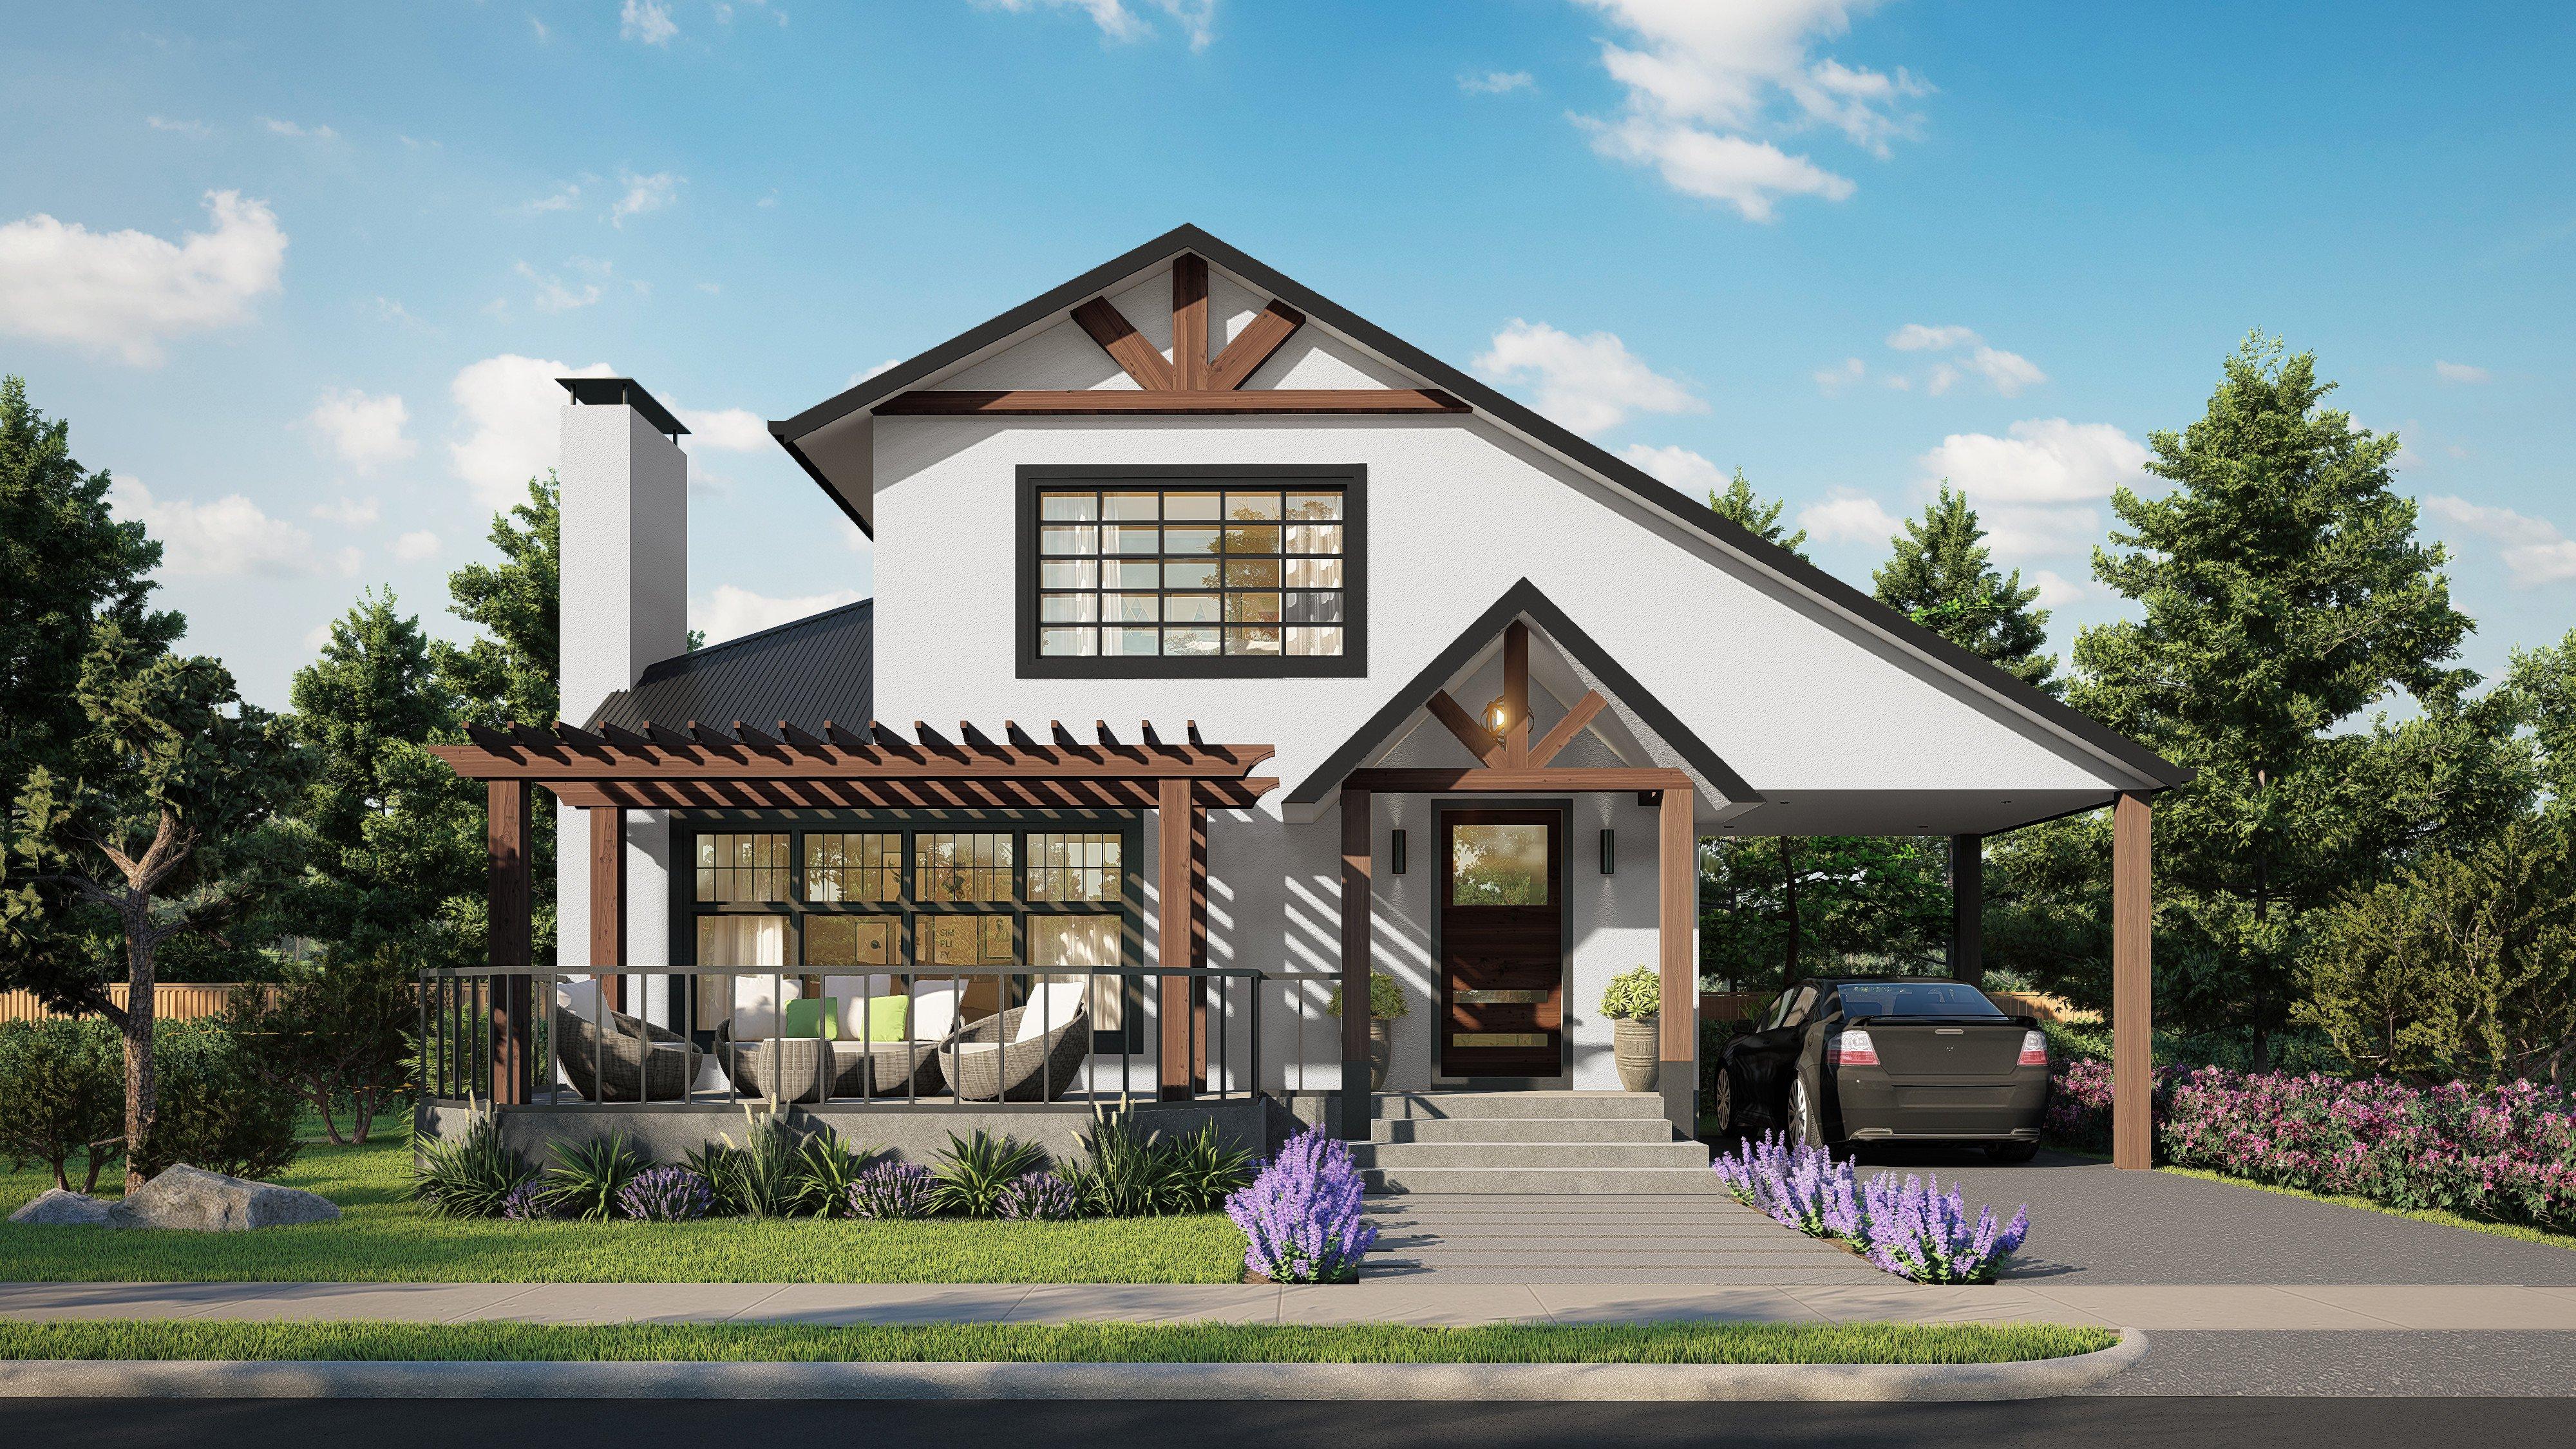 3D_House_Street_Level.jpg